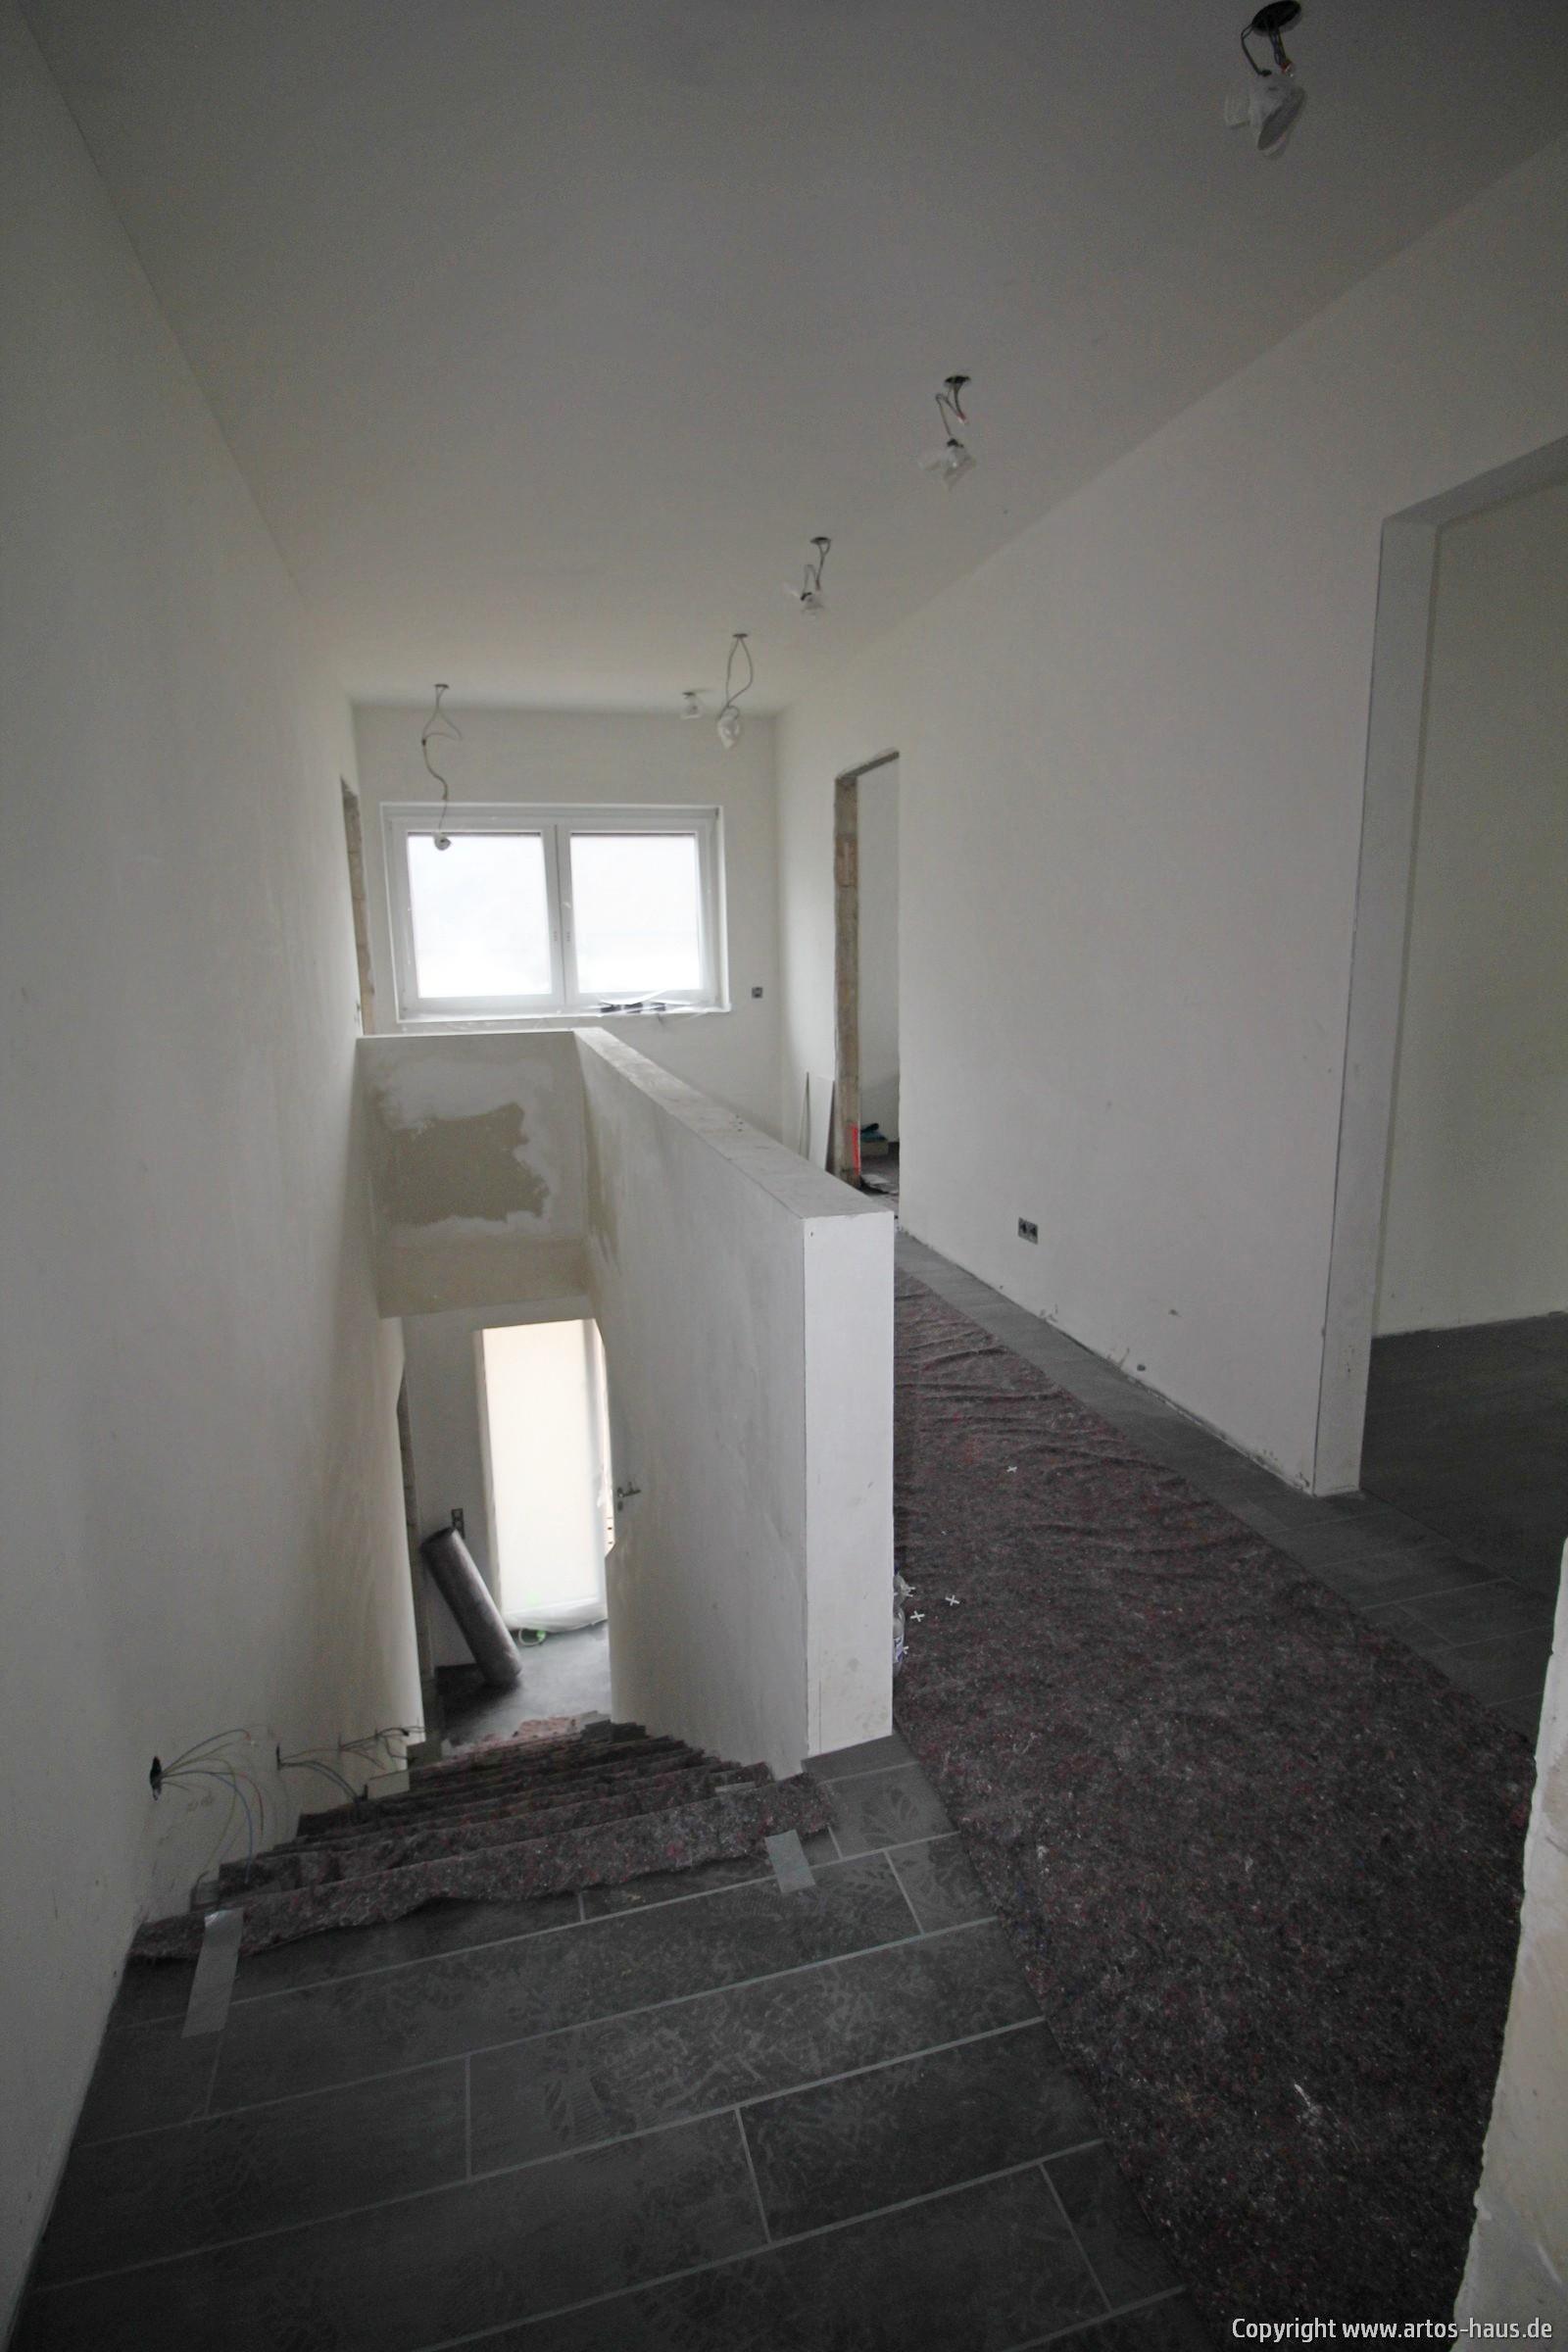 Artos Bauvorhaben in 53332 Bornheim-Roisdorf Innenausbau 4